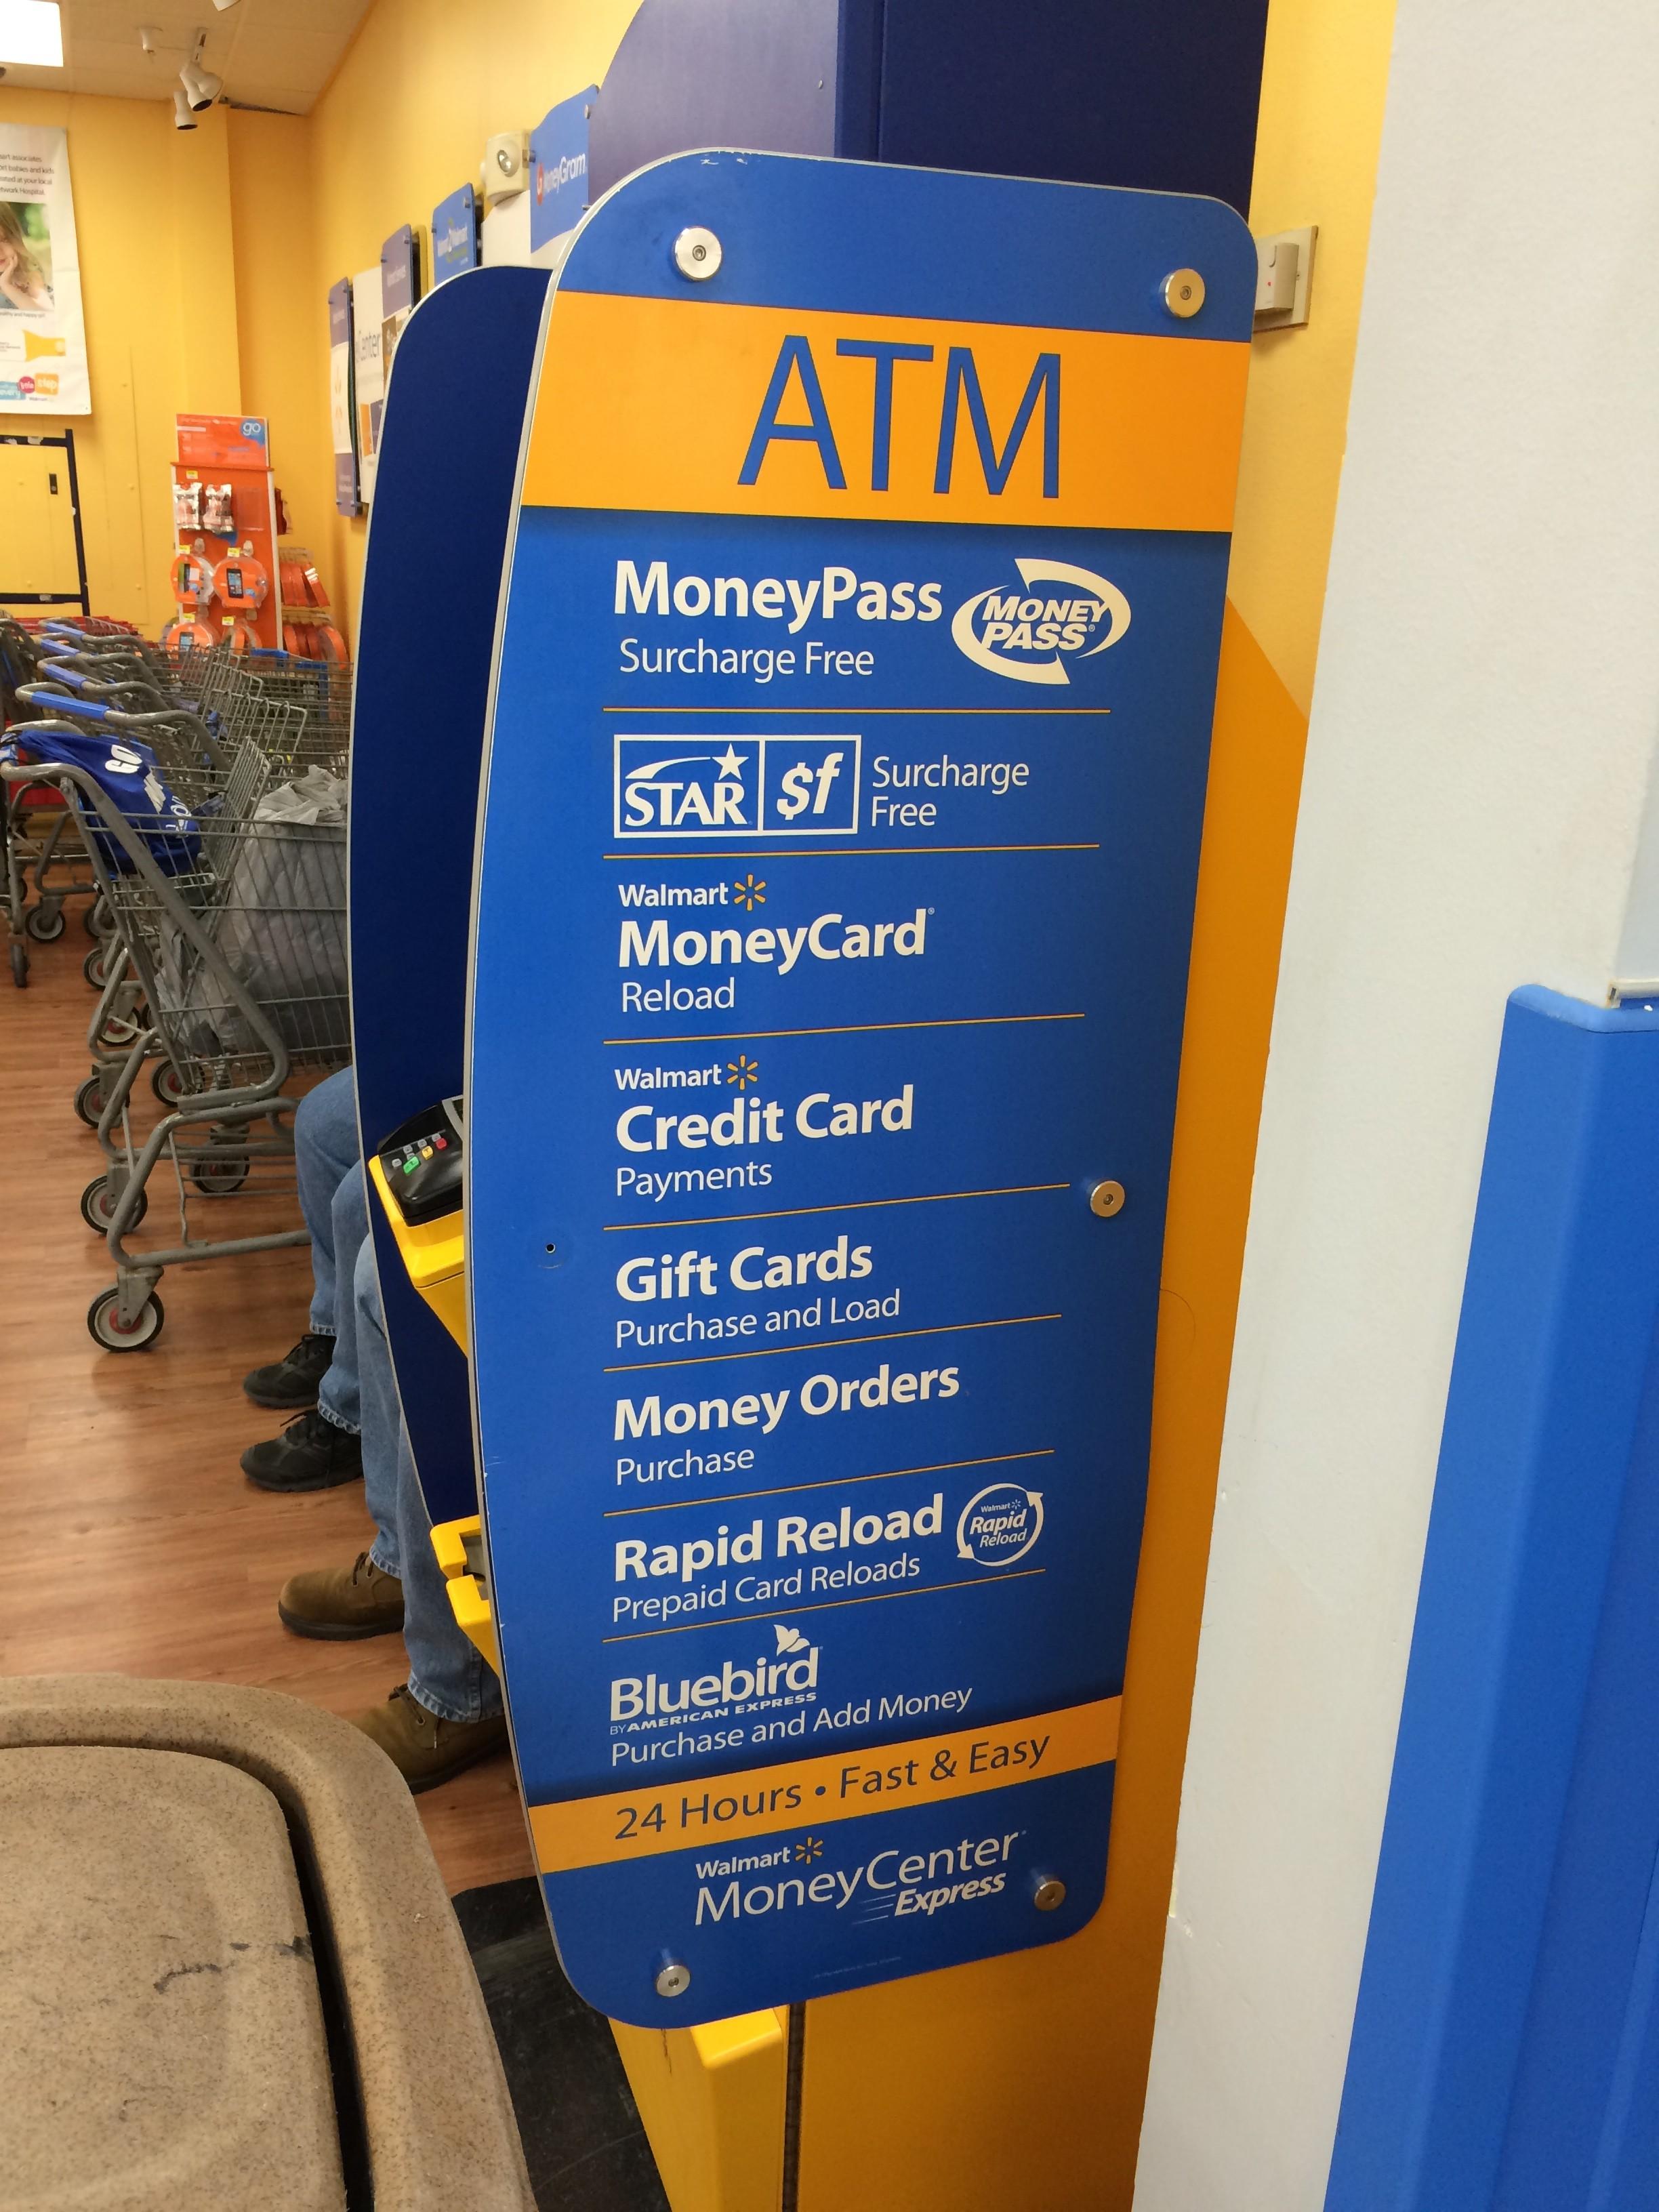 walmart moneycenter express walmart_moneypass_atm_pos